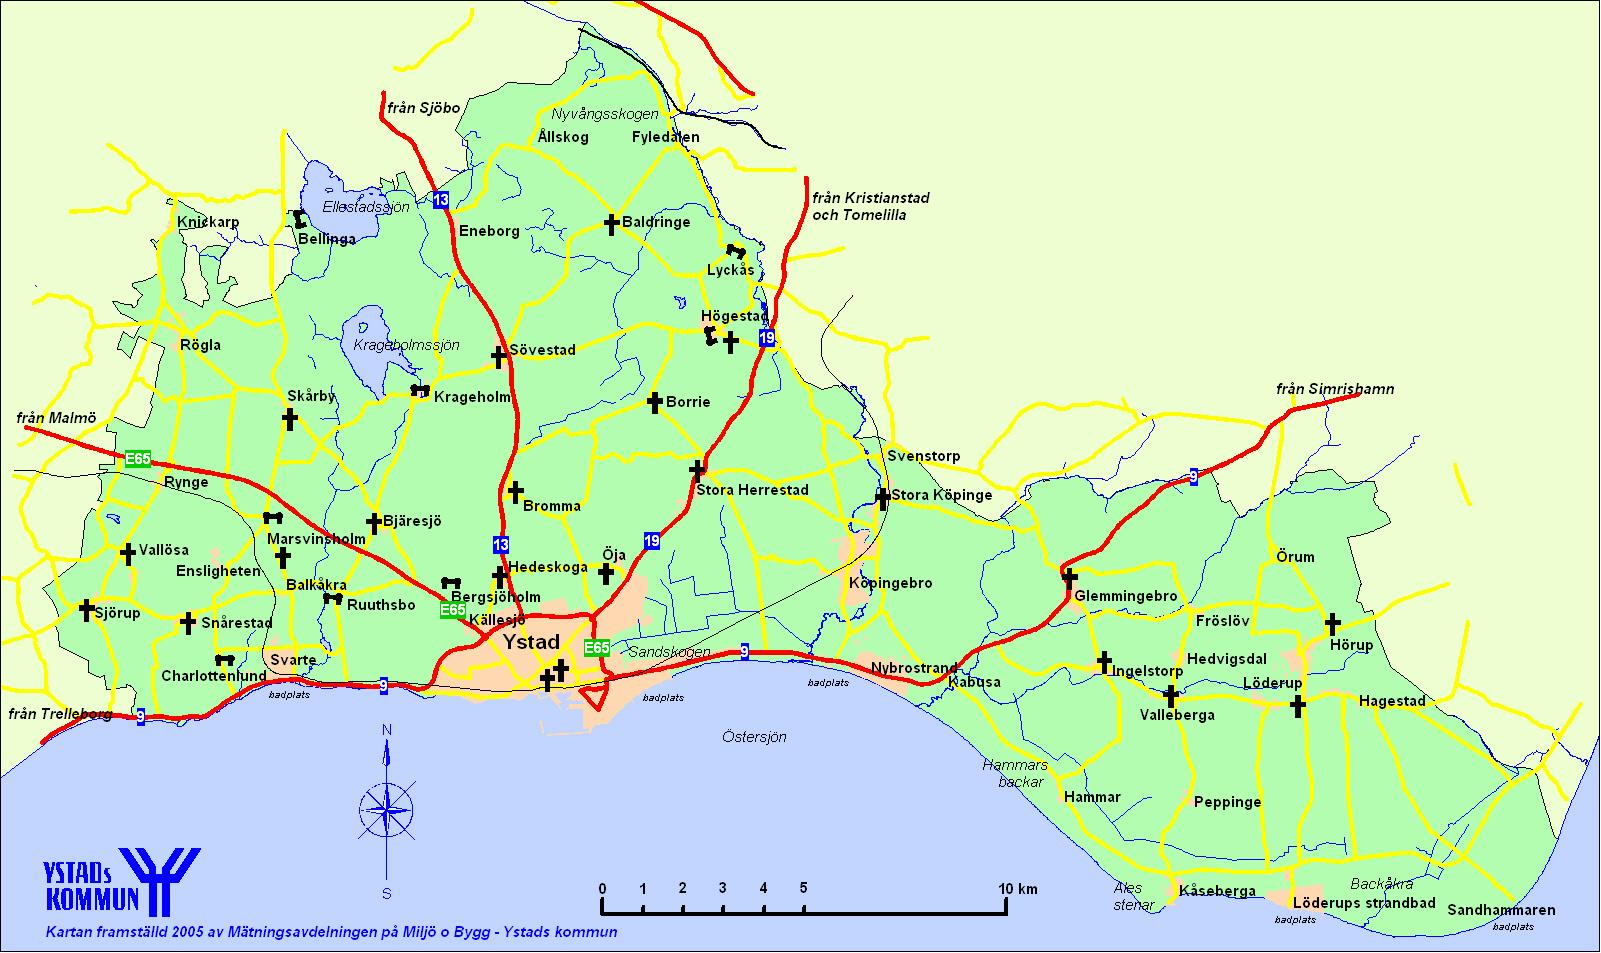 karta ystad Översiktskartor   Ystads kommun karta ystad